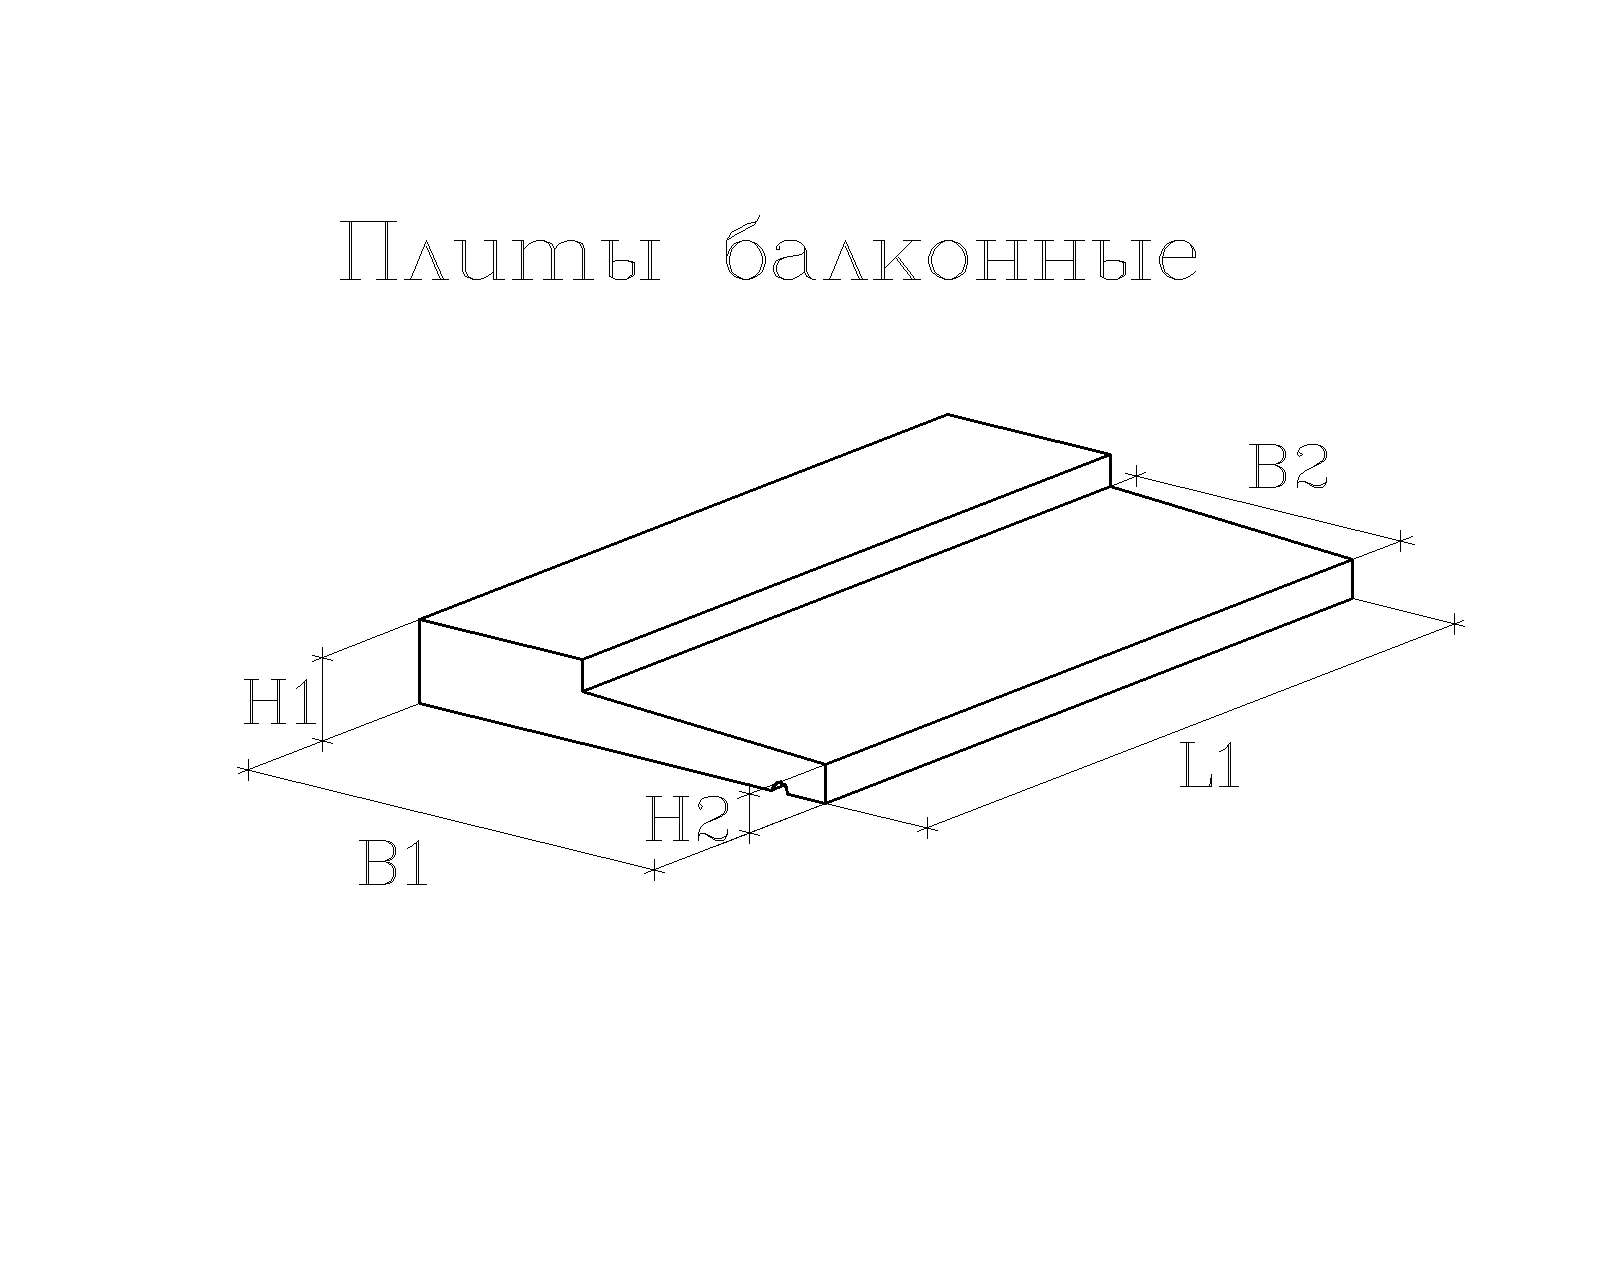 плиты балконные